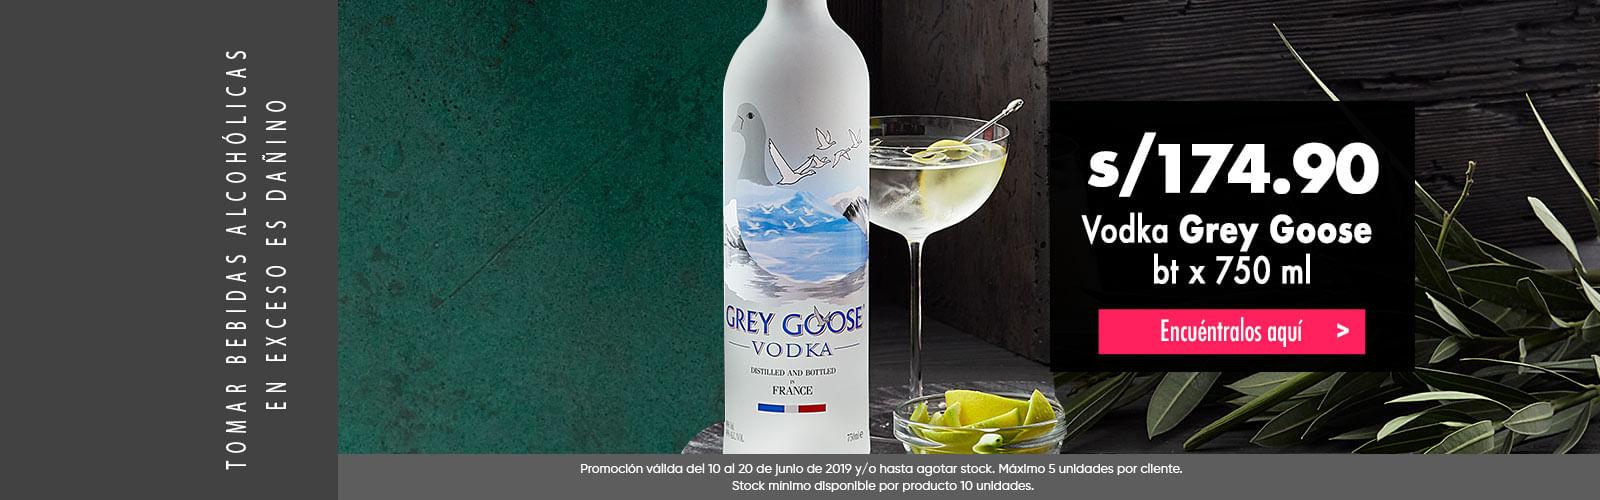 Grey groose